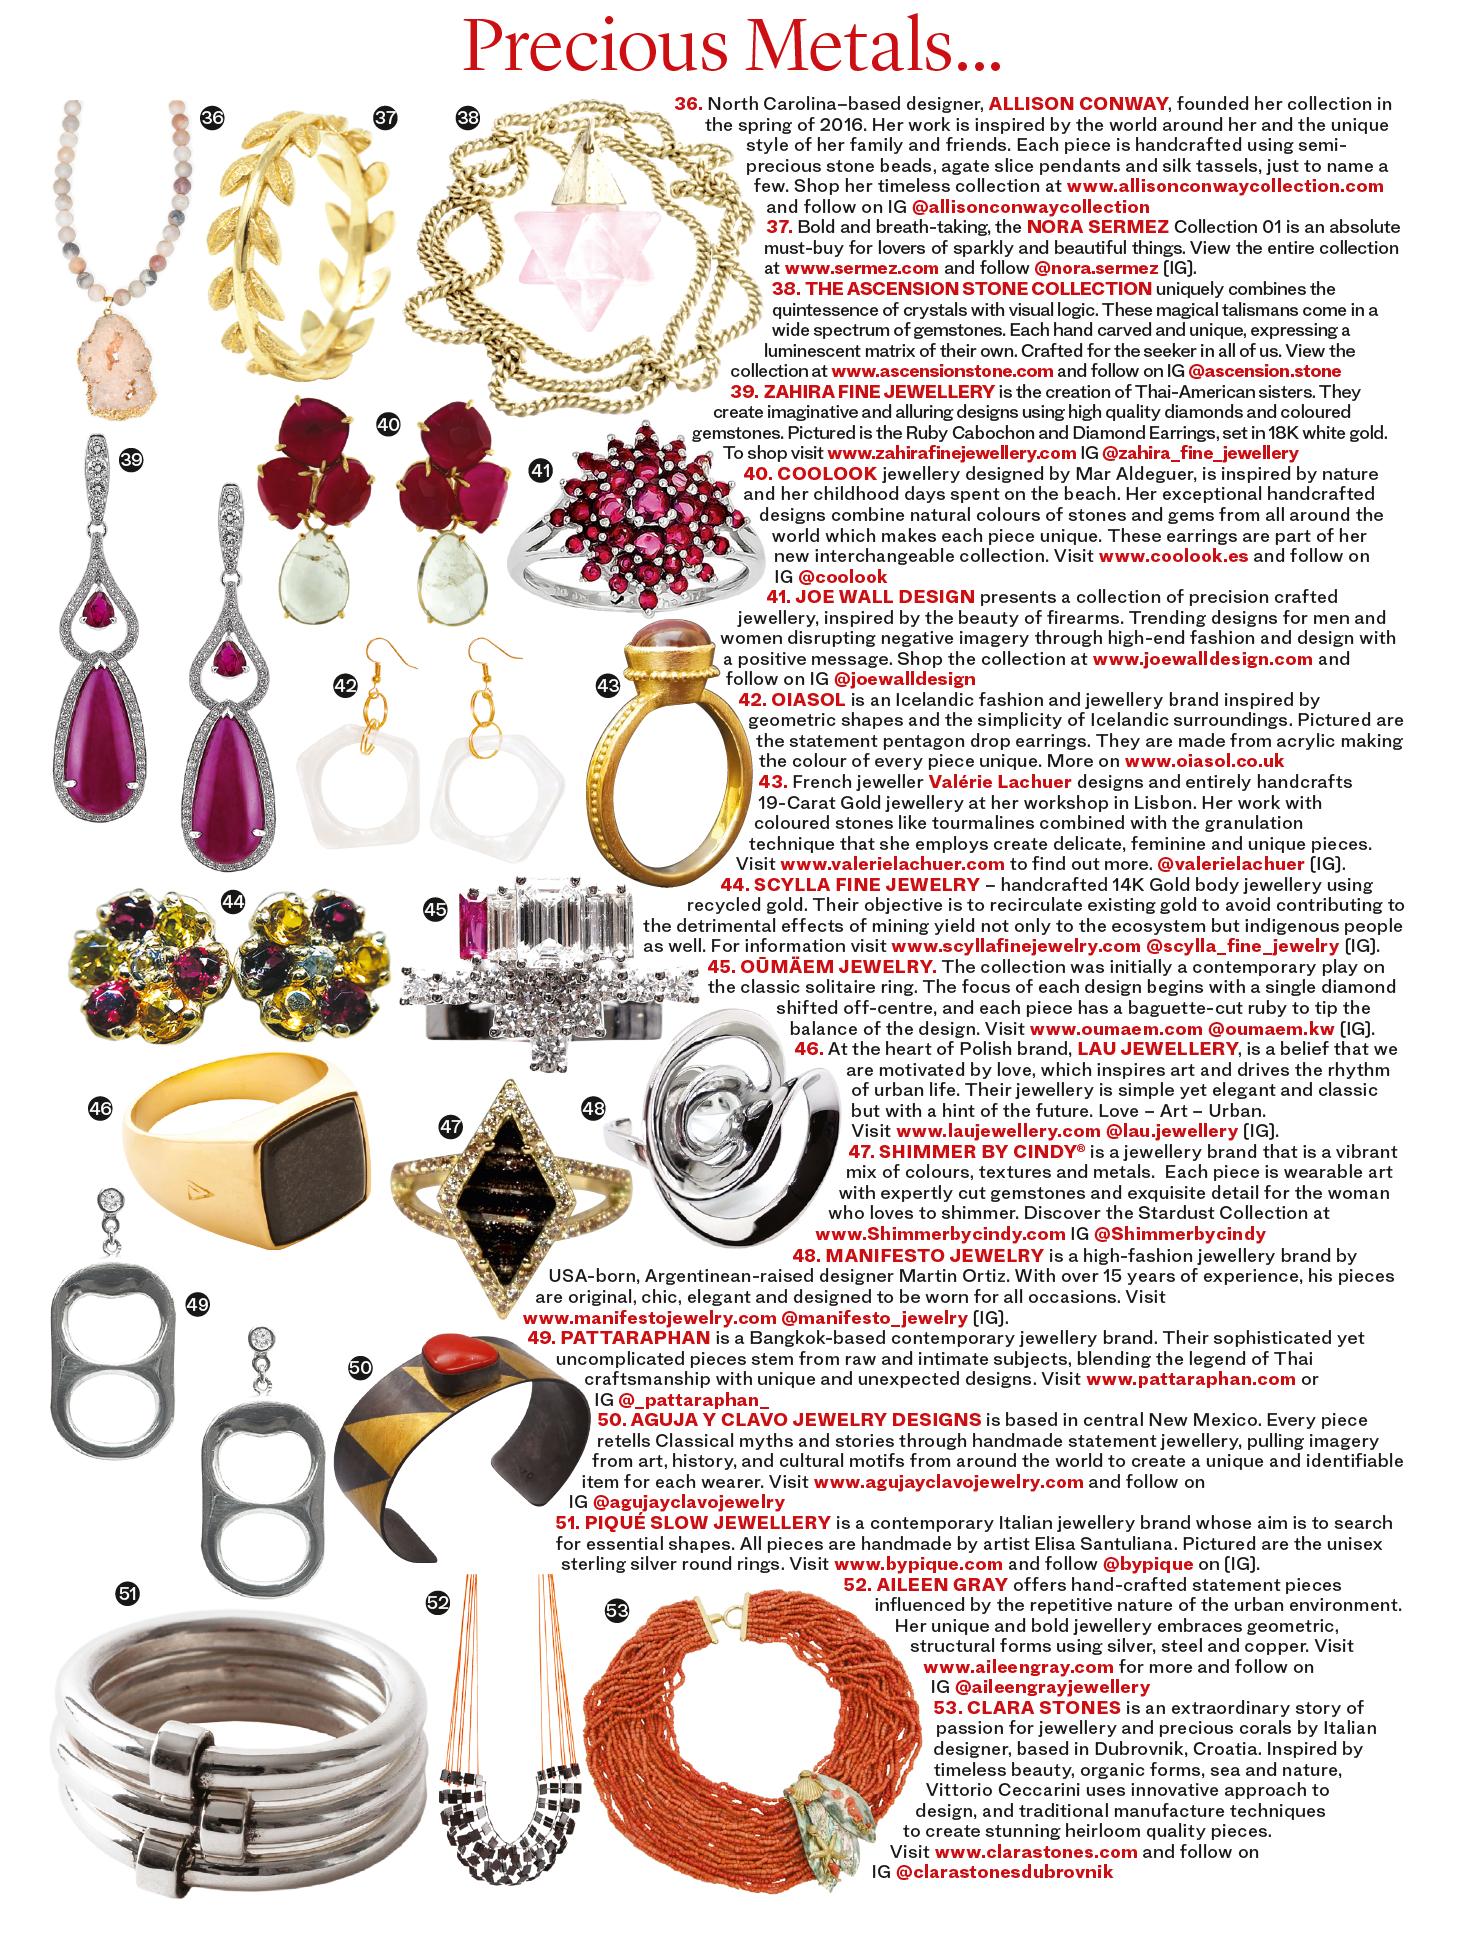 150 Precious Metals.png